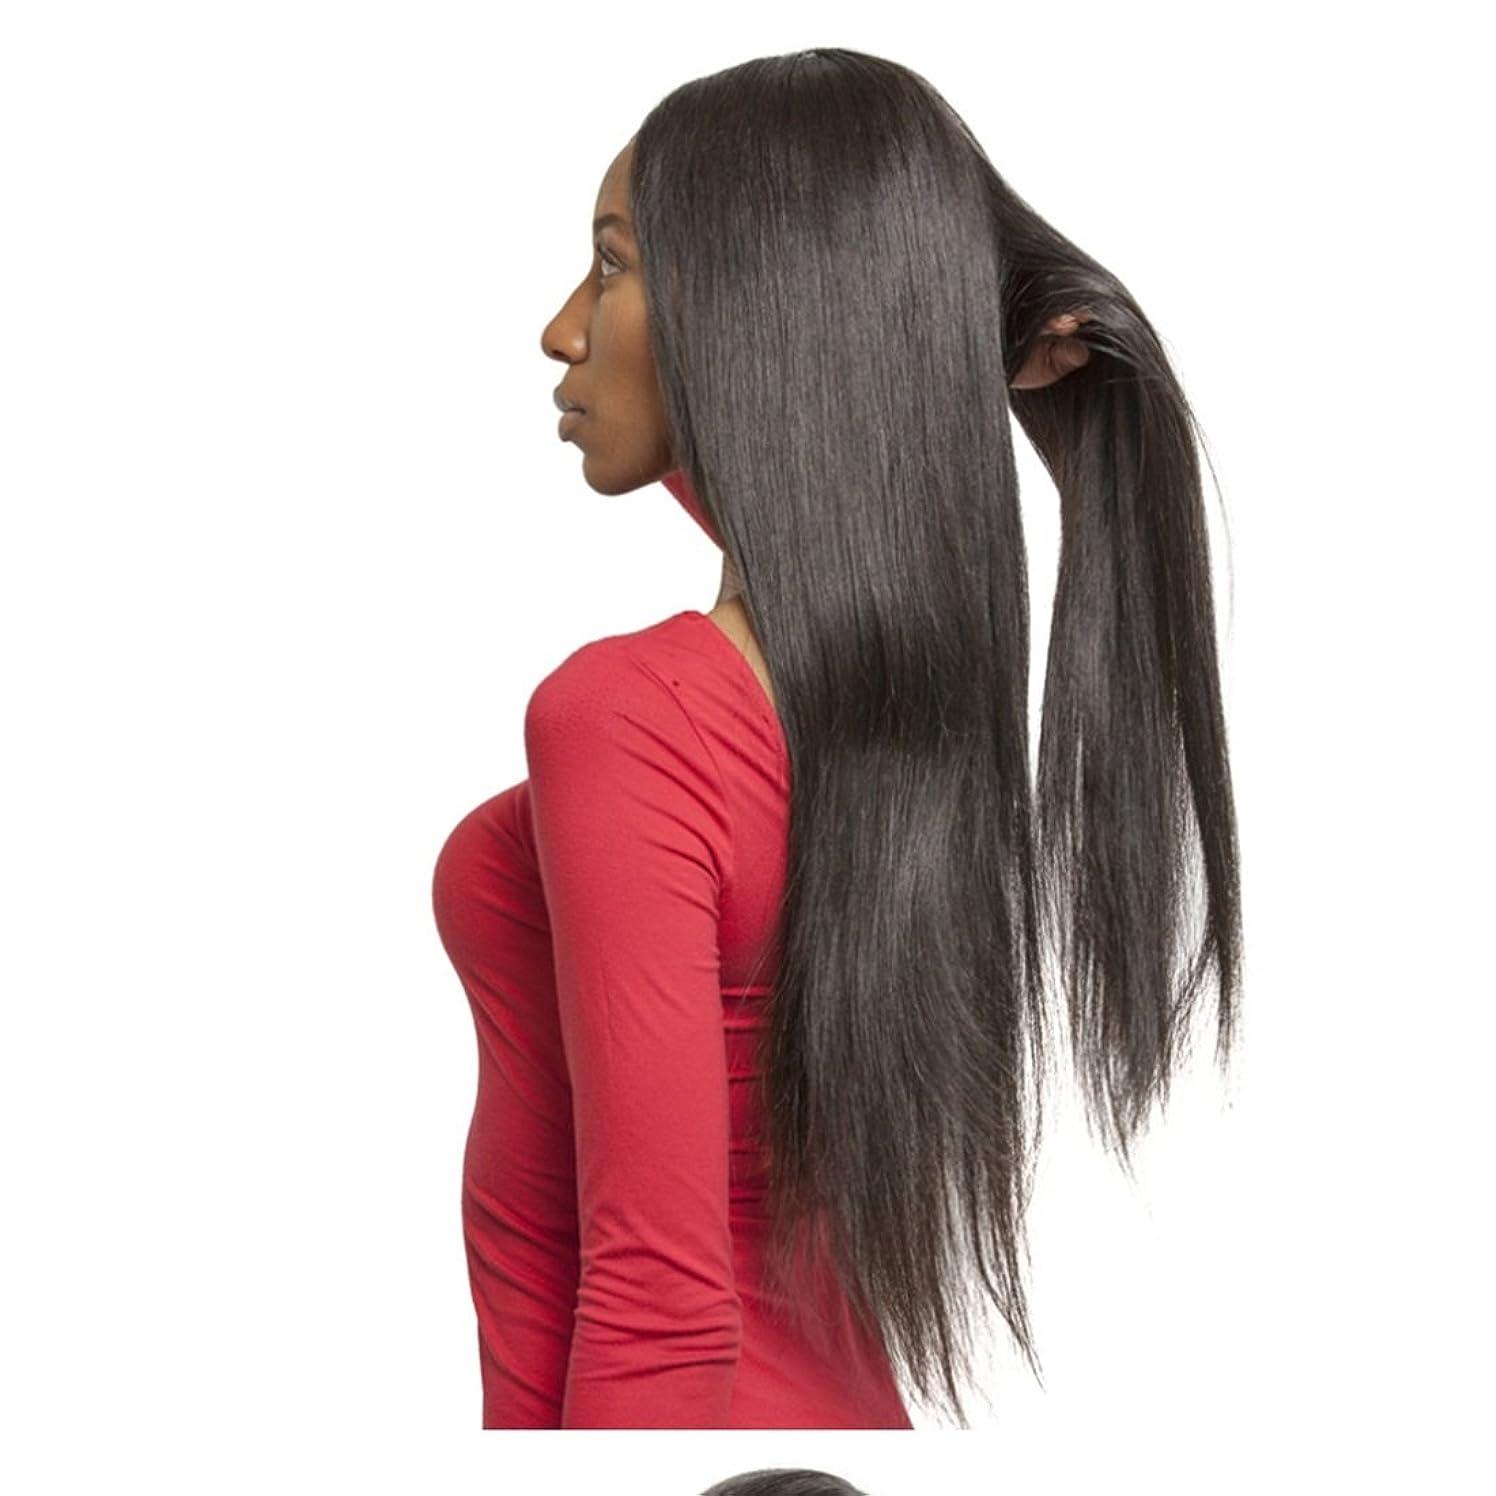 報奨金テストおとなしいKoloeplf 女性 耐熱性 28inch 長い ウィッグ 220g(ブラック/ダークブラウン/ライト ブラウン) (Color : ブラック)